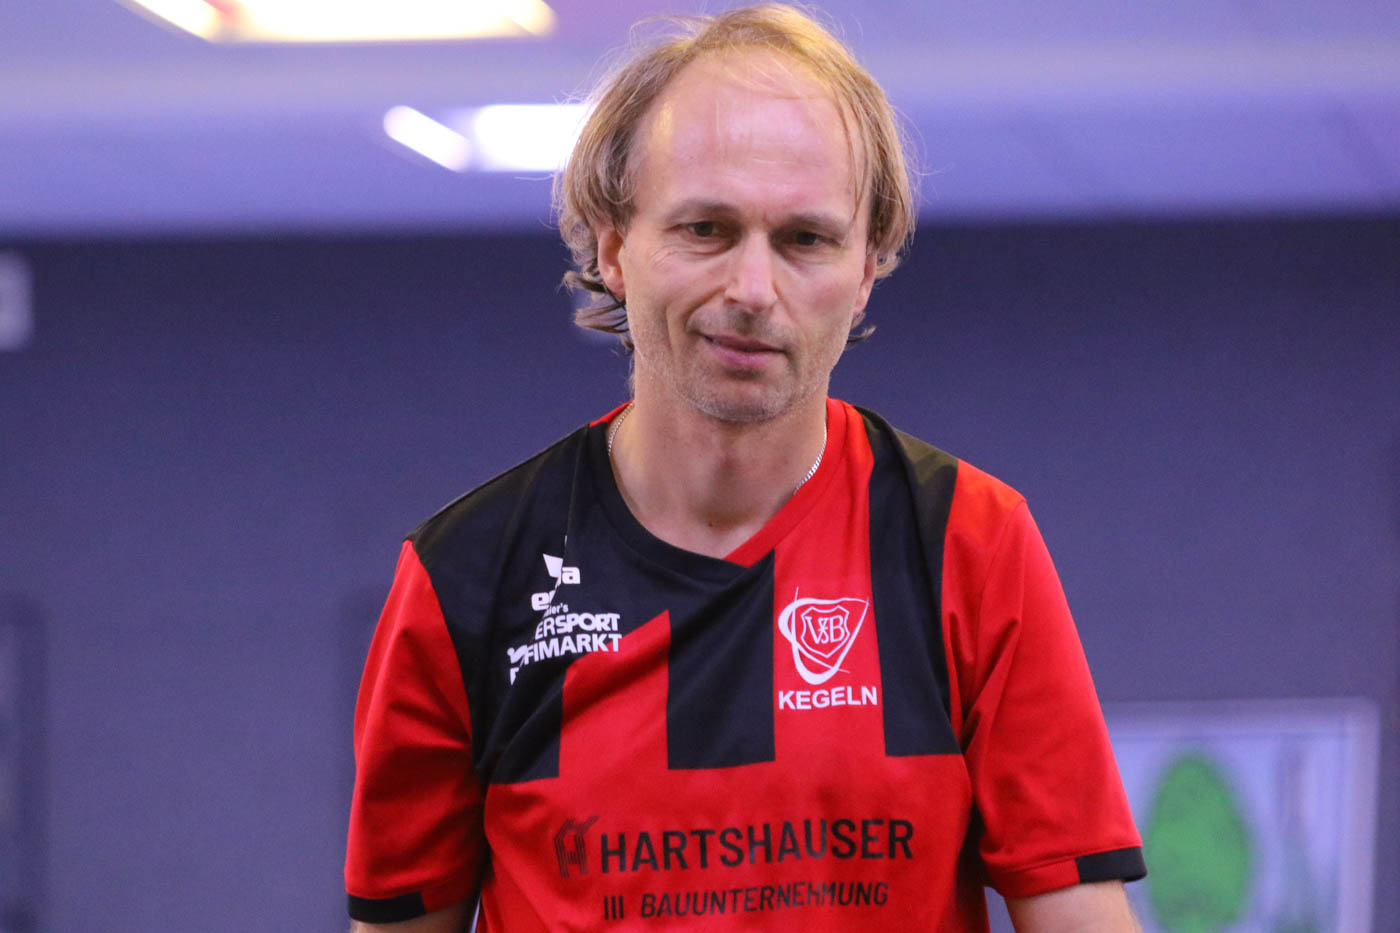 VfB siegt klar mit 8:0 und 3587 zu 3304 Holz gegen Önsbach